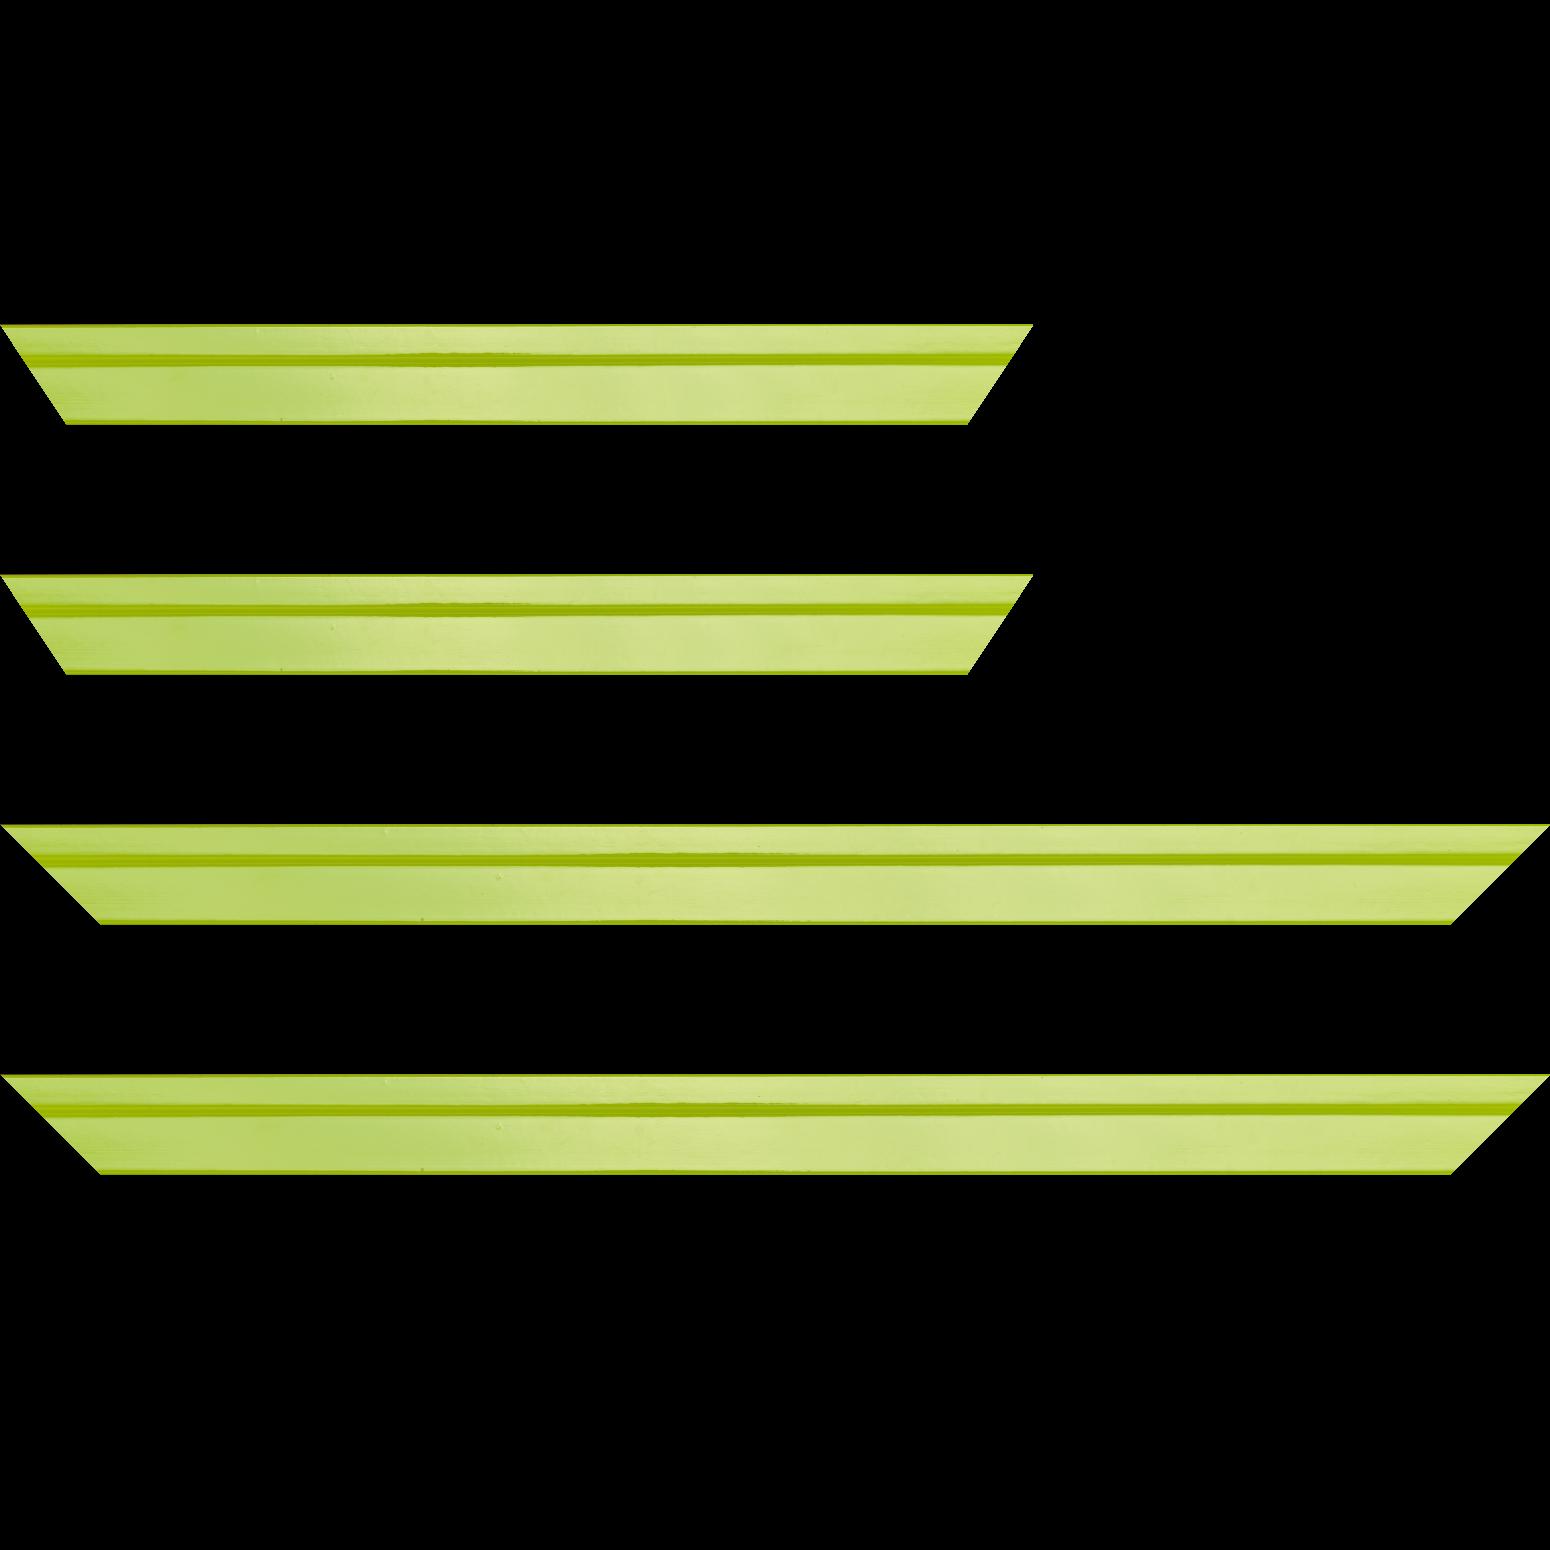 Baguette bois profil plat escalier largeur 3cm couleur citron vert laqué